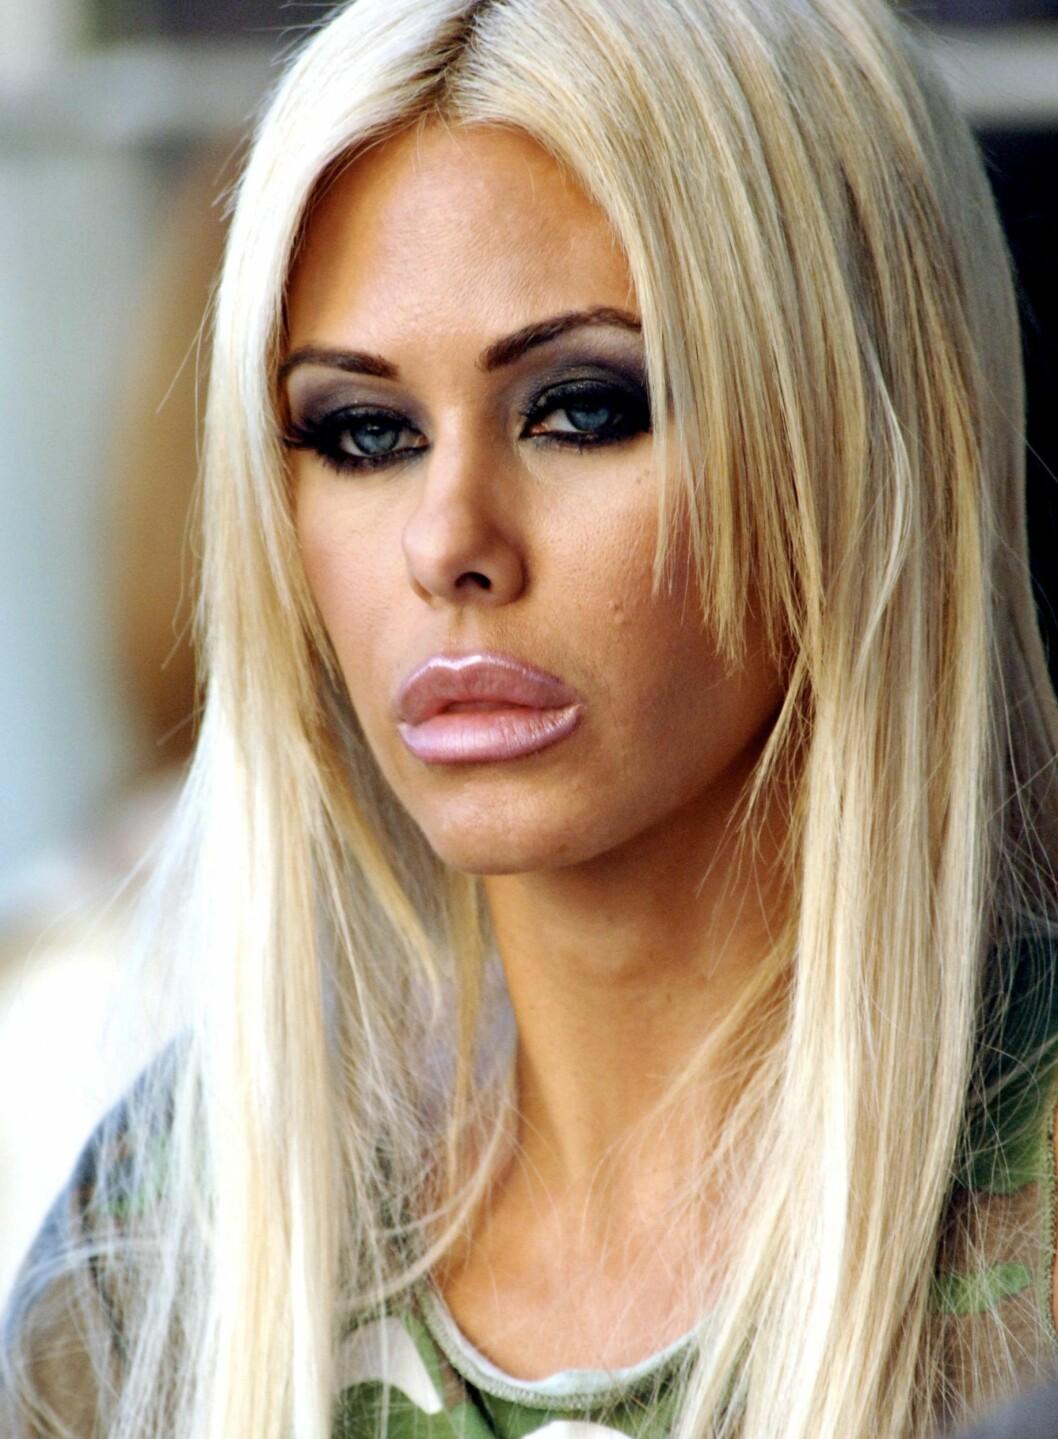 Skuespiller og Playboy-modell Shauna Sand ser ut til å ha mistet litt perspektivene når det kommer til egen munn.  Foto: All Over Press